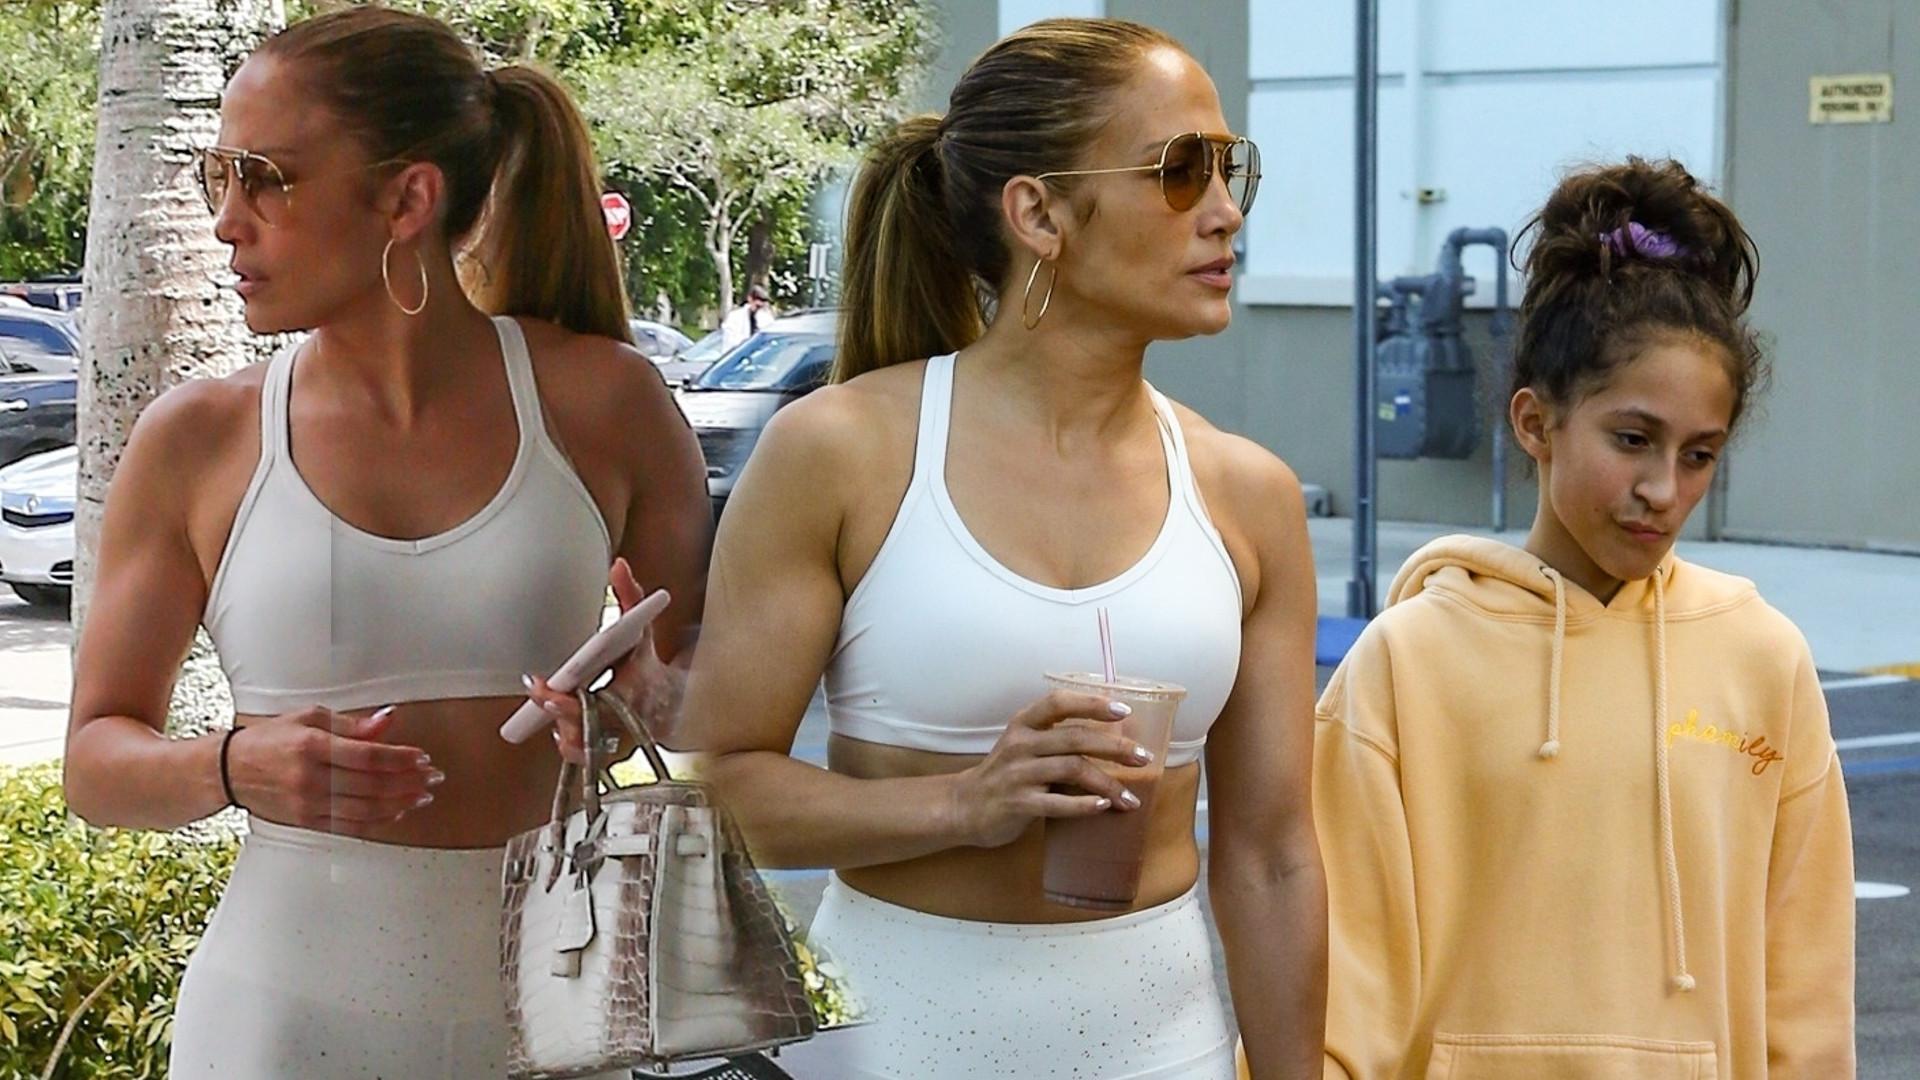 Jennifer Lopez pokazała wypracowaną pupę podczas wizyty na siłowni w Miami (ZDJĘCIA)